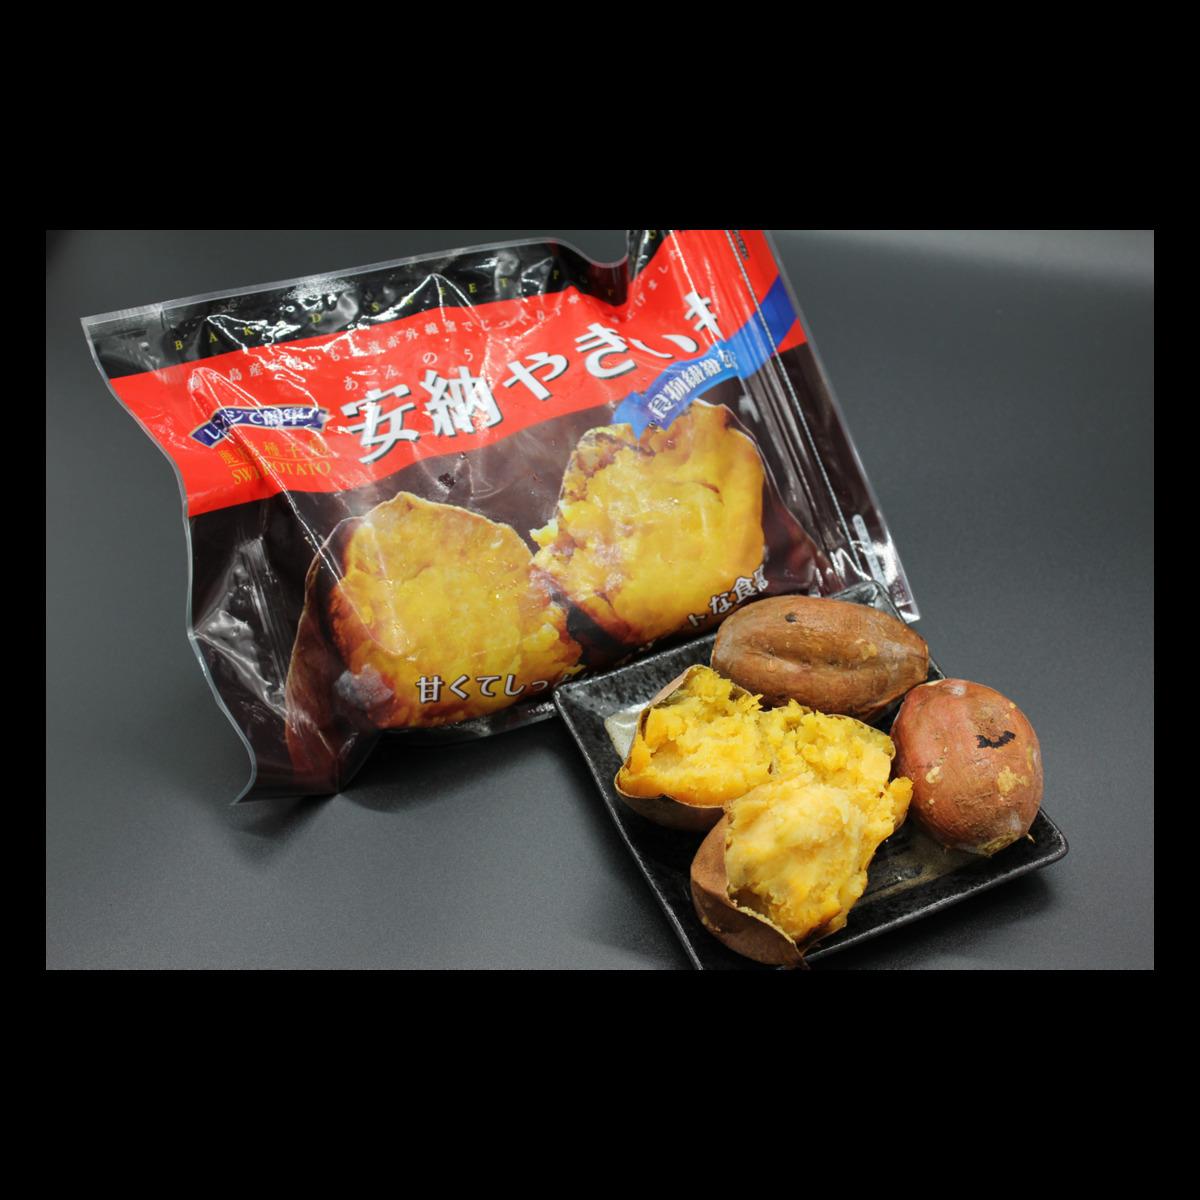 安納芋の本場 種子島産安納芋のみを使用した安納焼き芋(冷凍)500g×6袋<5-8営業日以内に出荷>